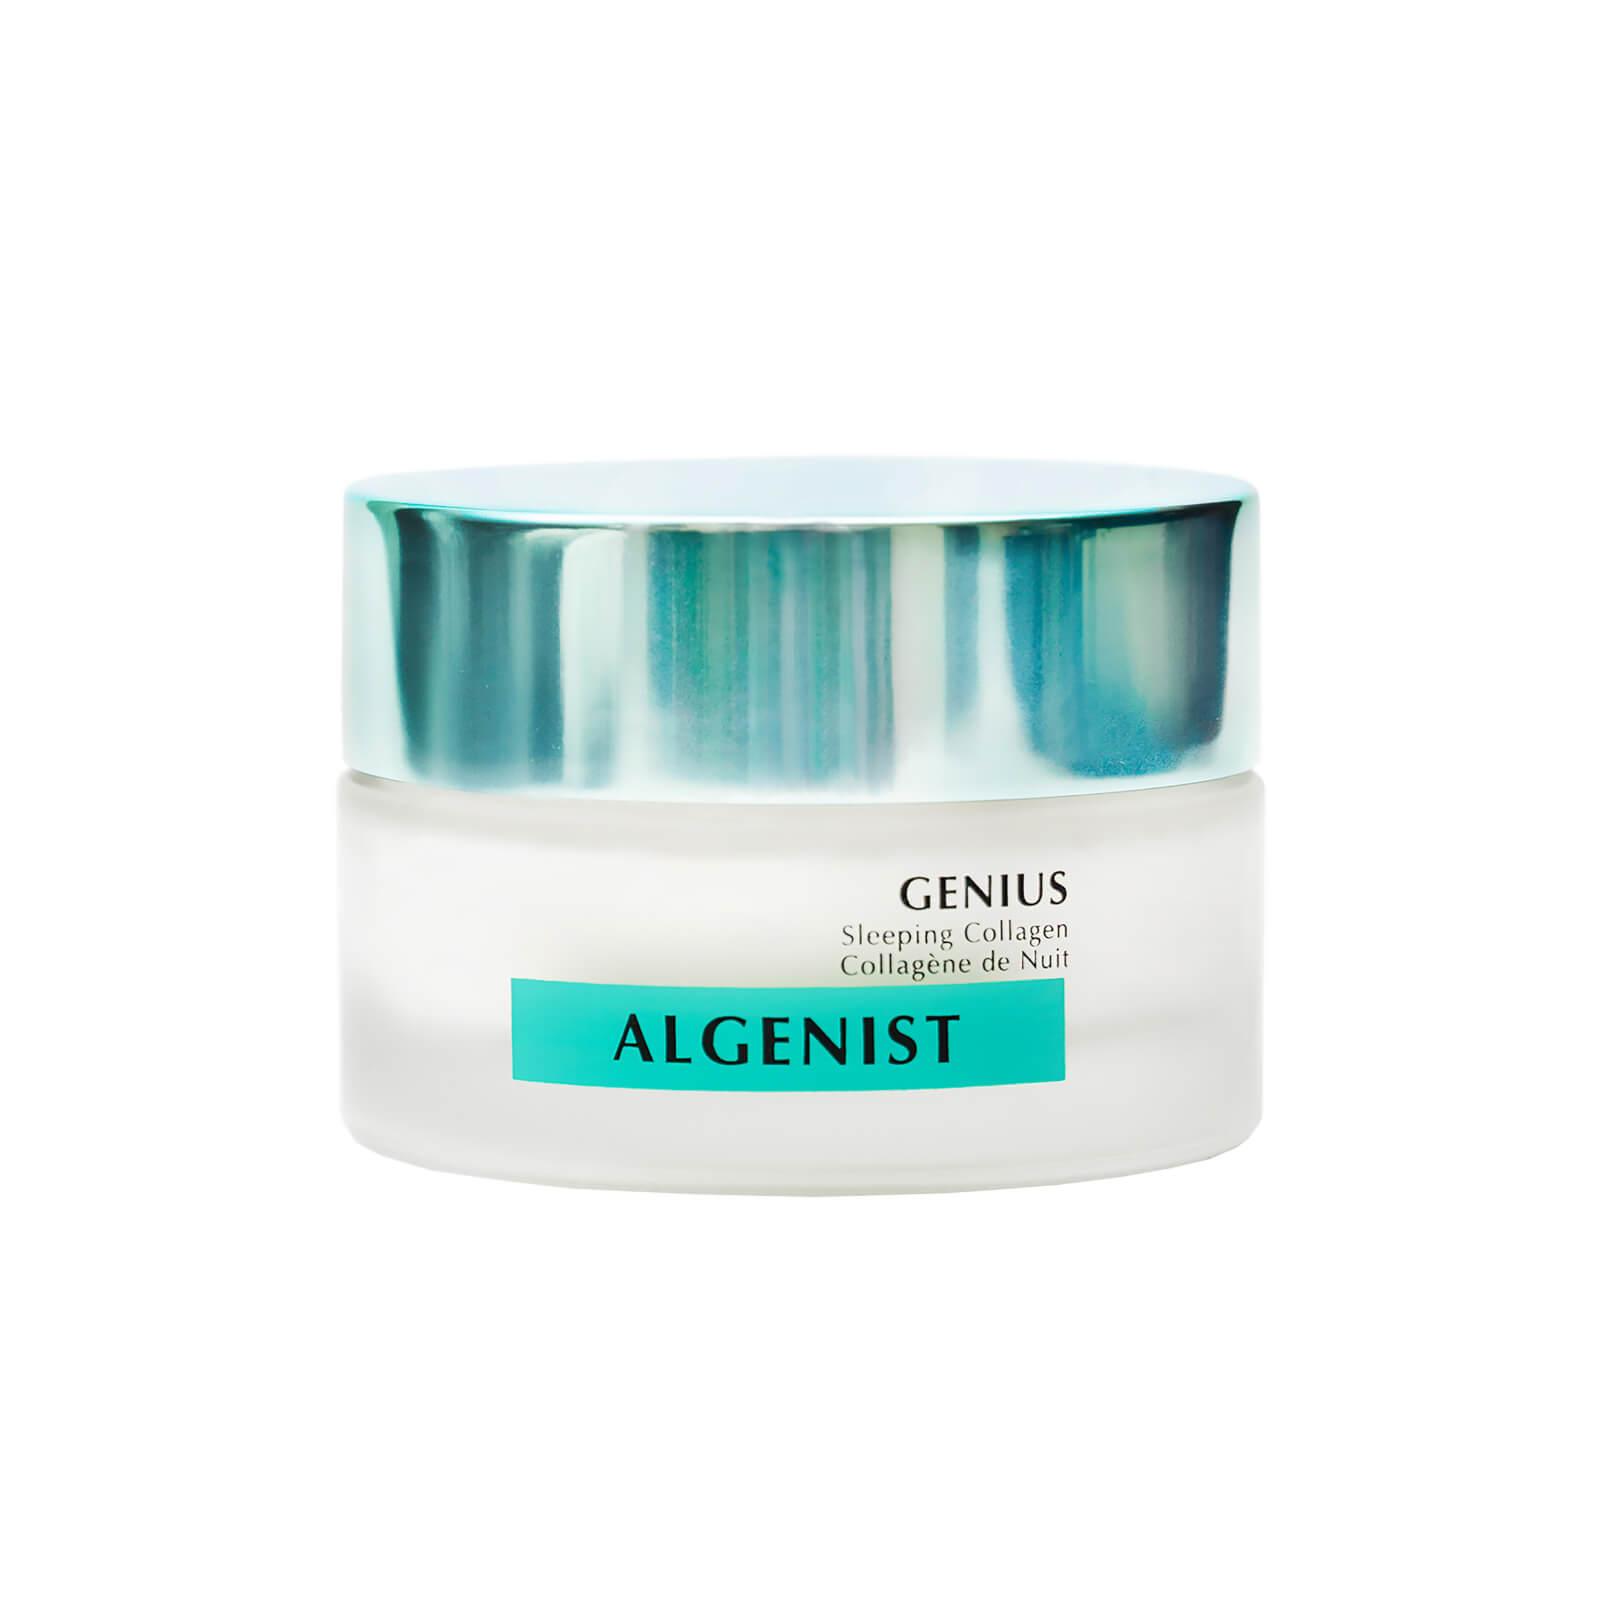 algenist genius sleeping collagen 2 fl oz